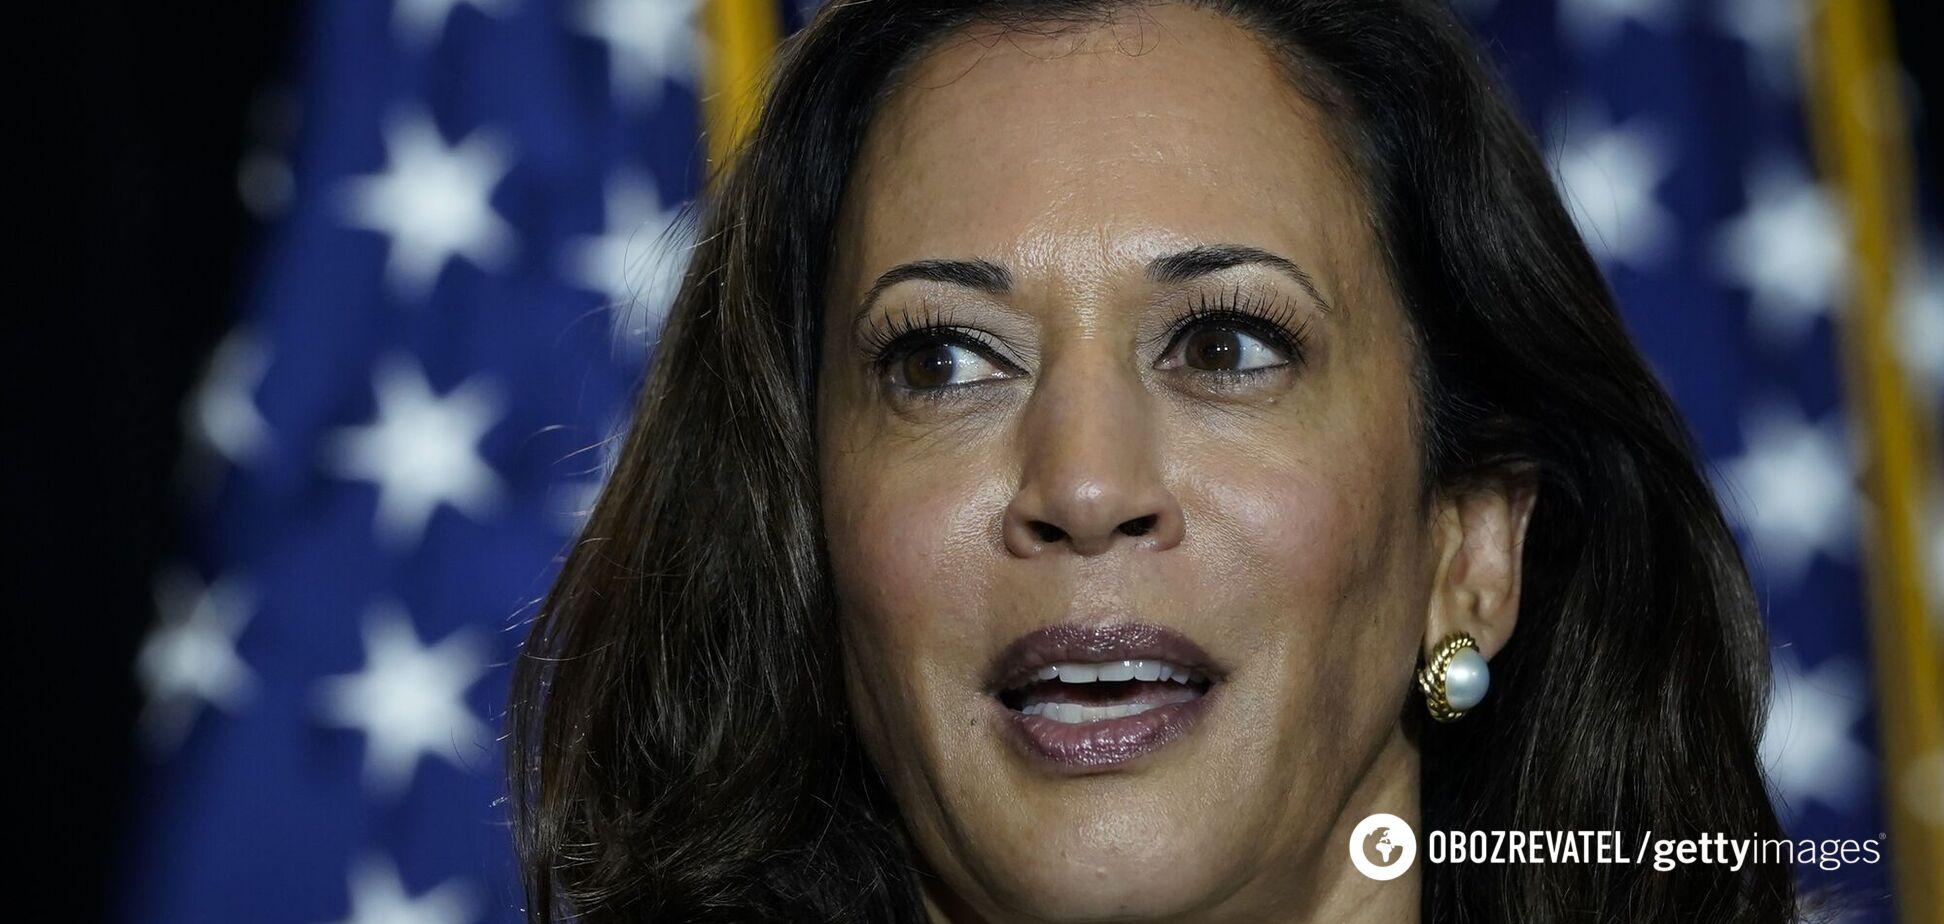 Камала Харріс може стати першою темношкірою жінкою віцепрезидентом США